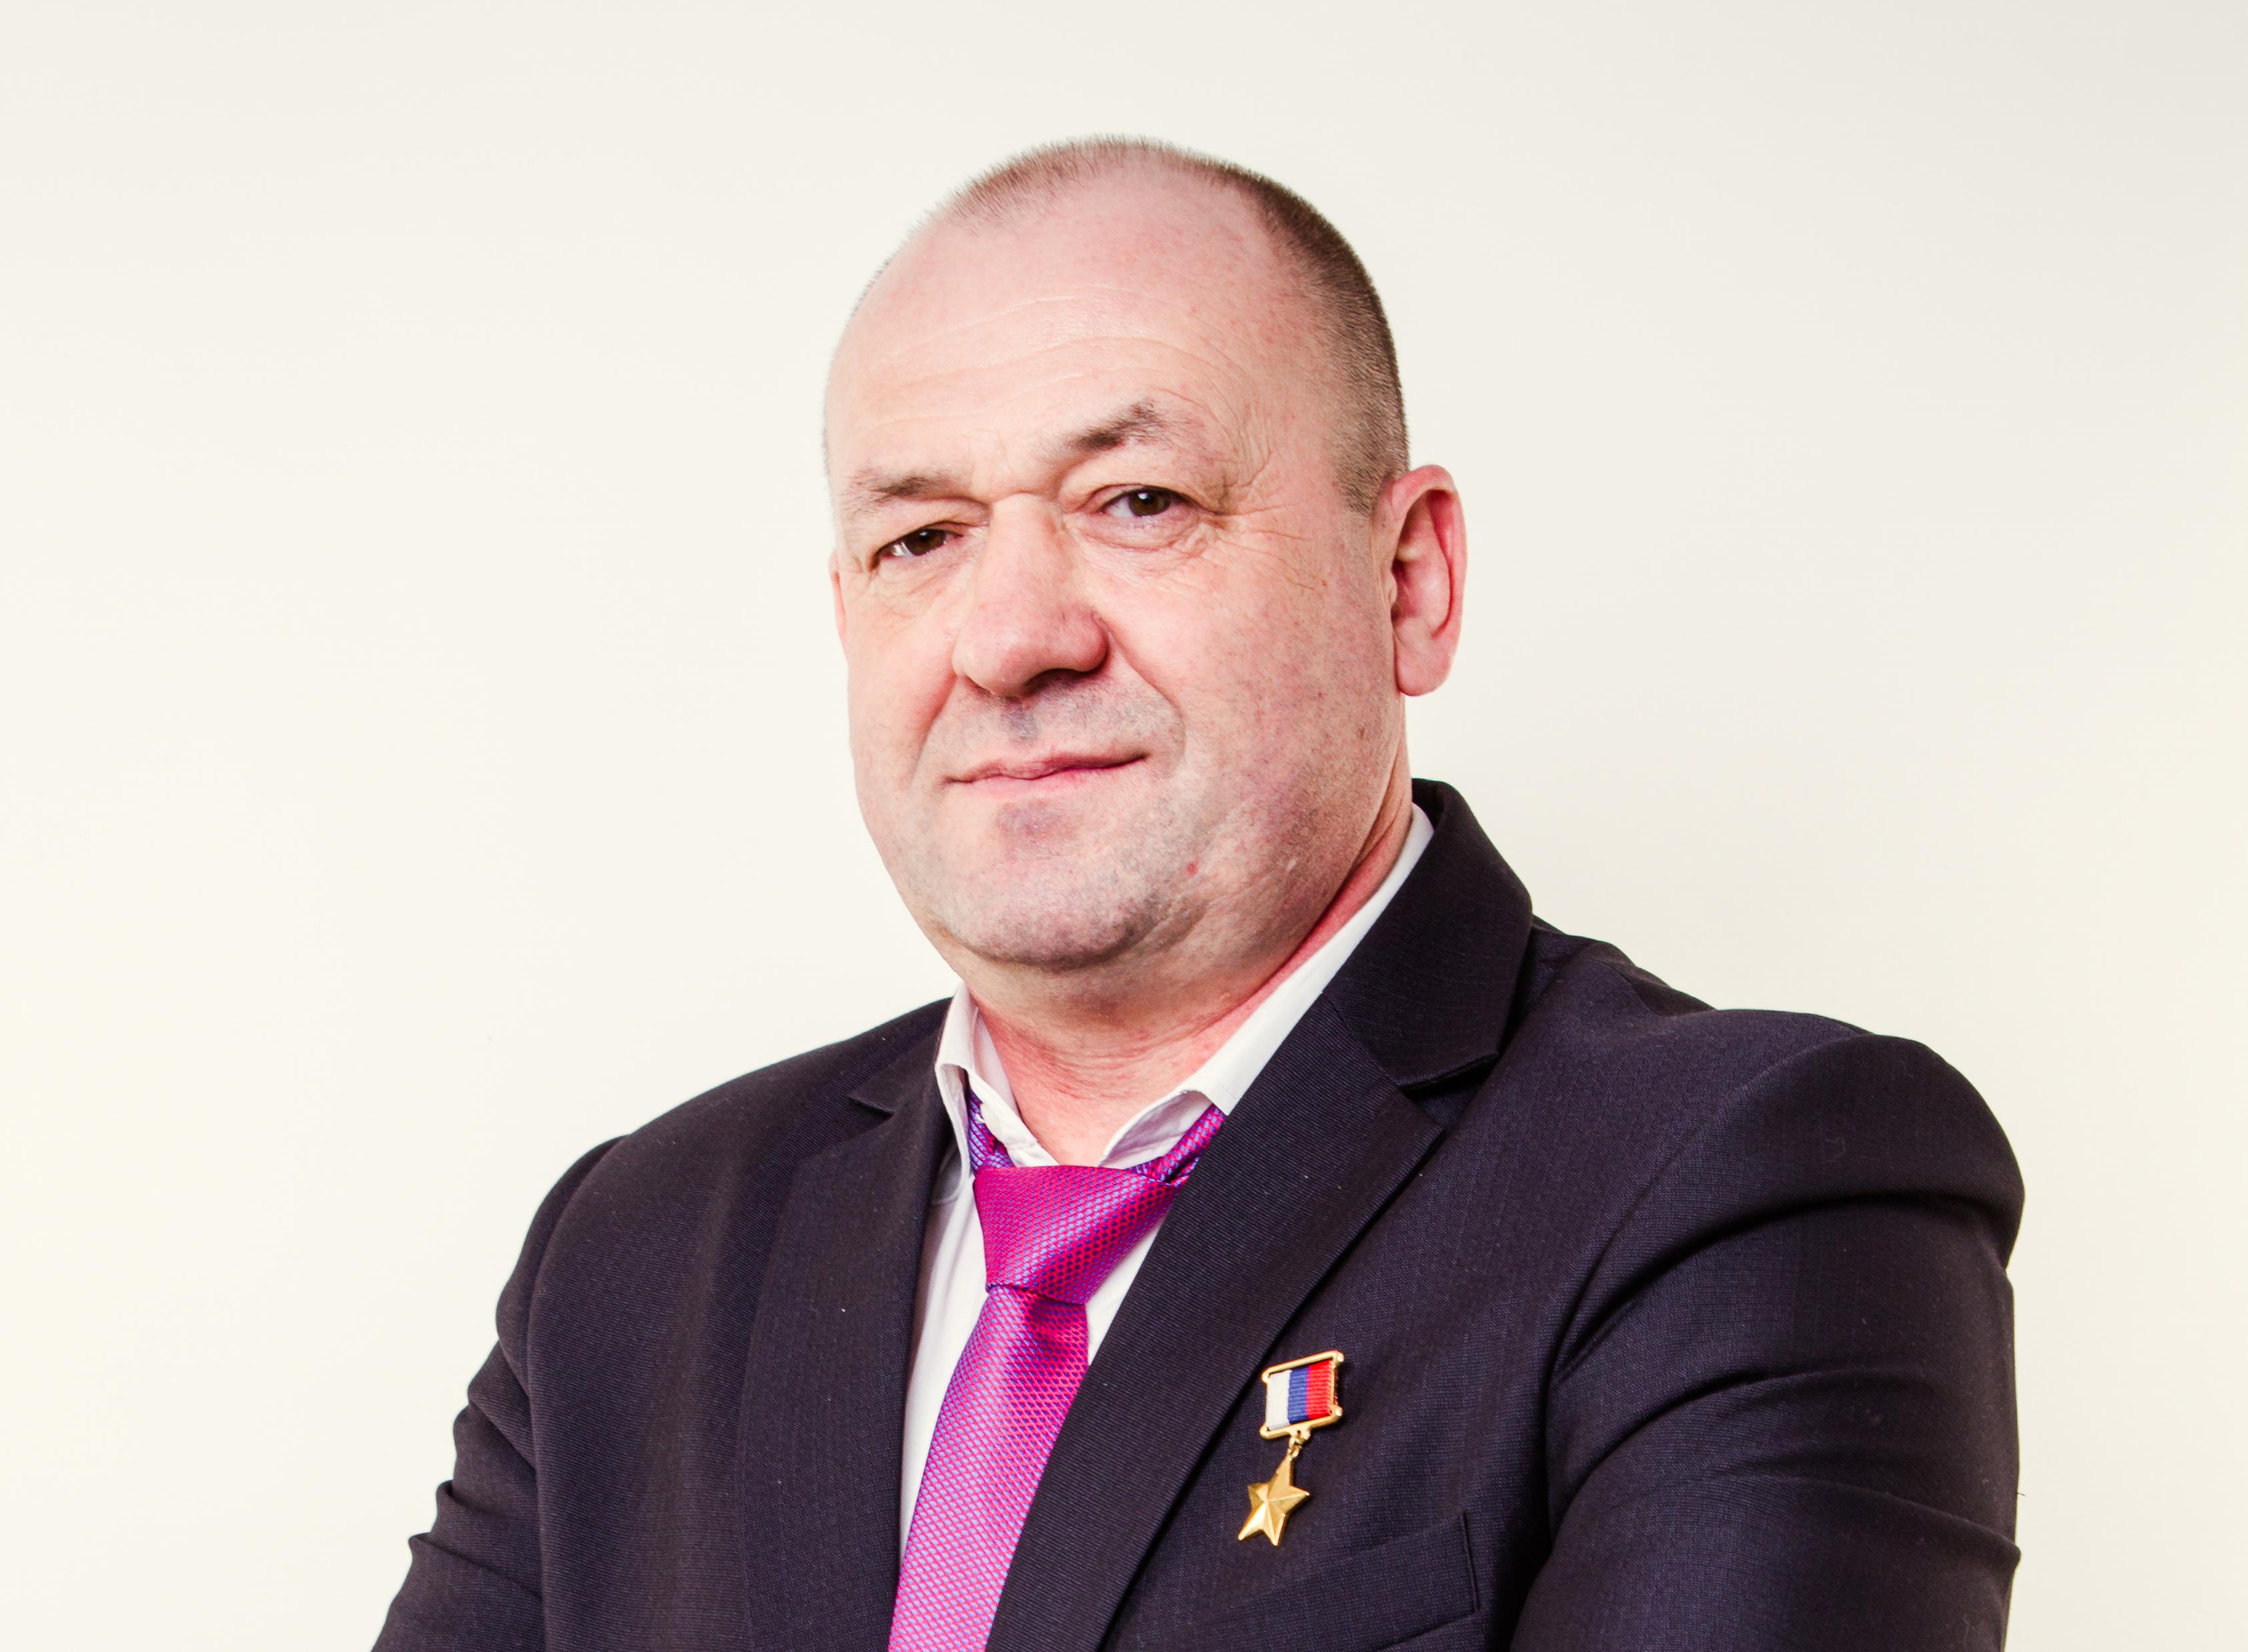 Поздравляем с днём рождения Евланова Сергея Александровича